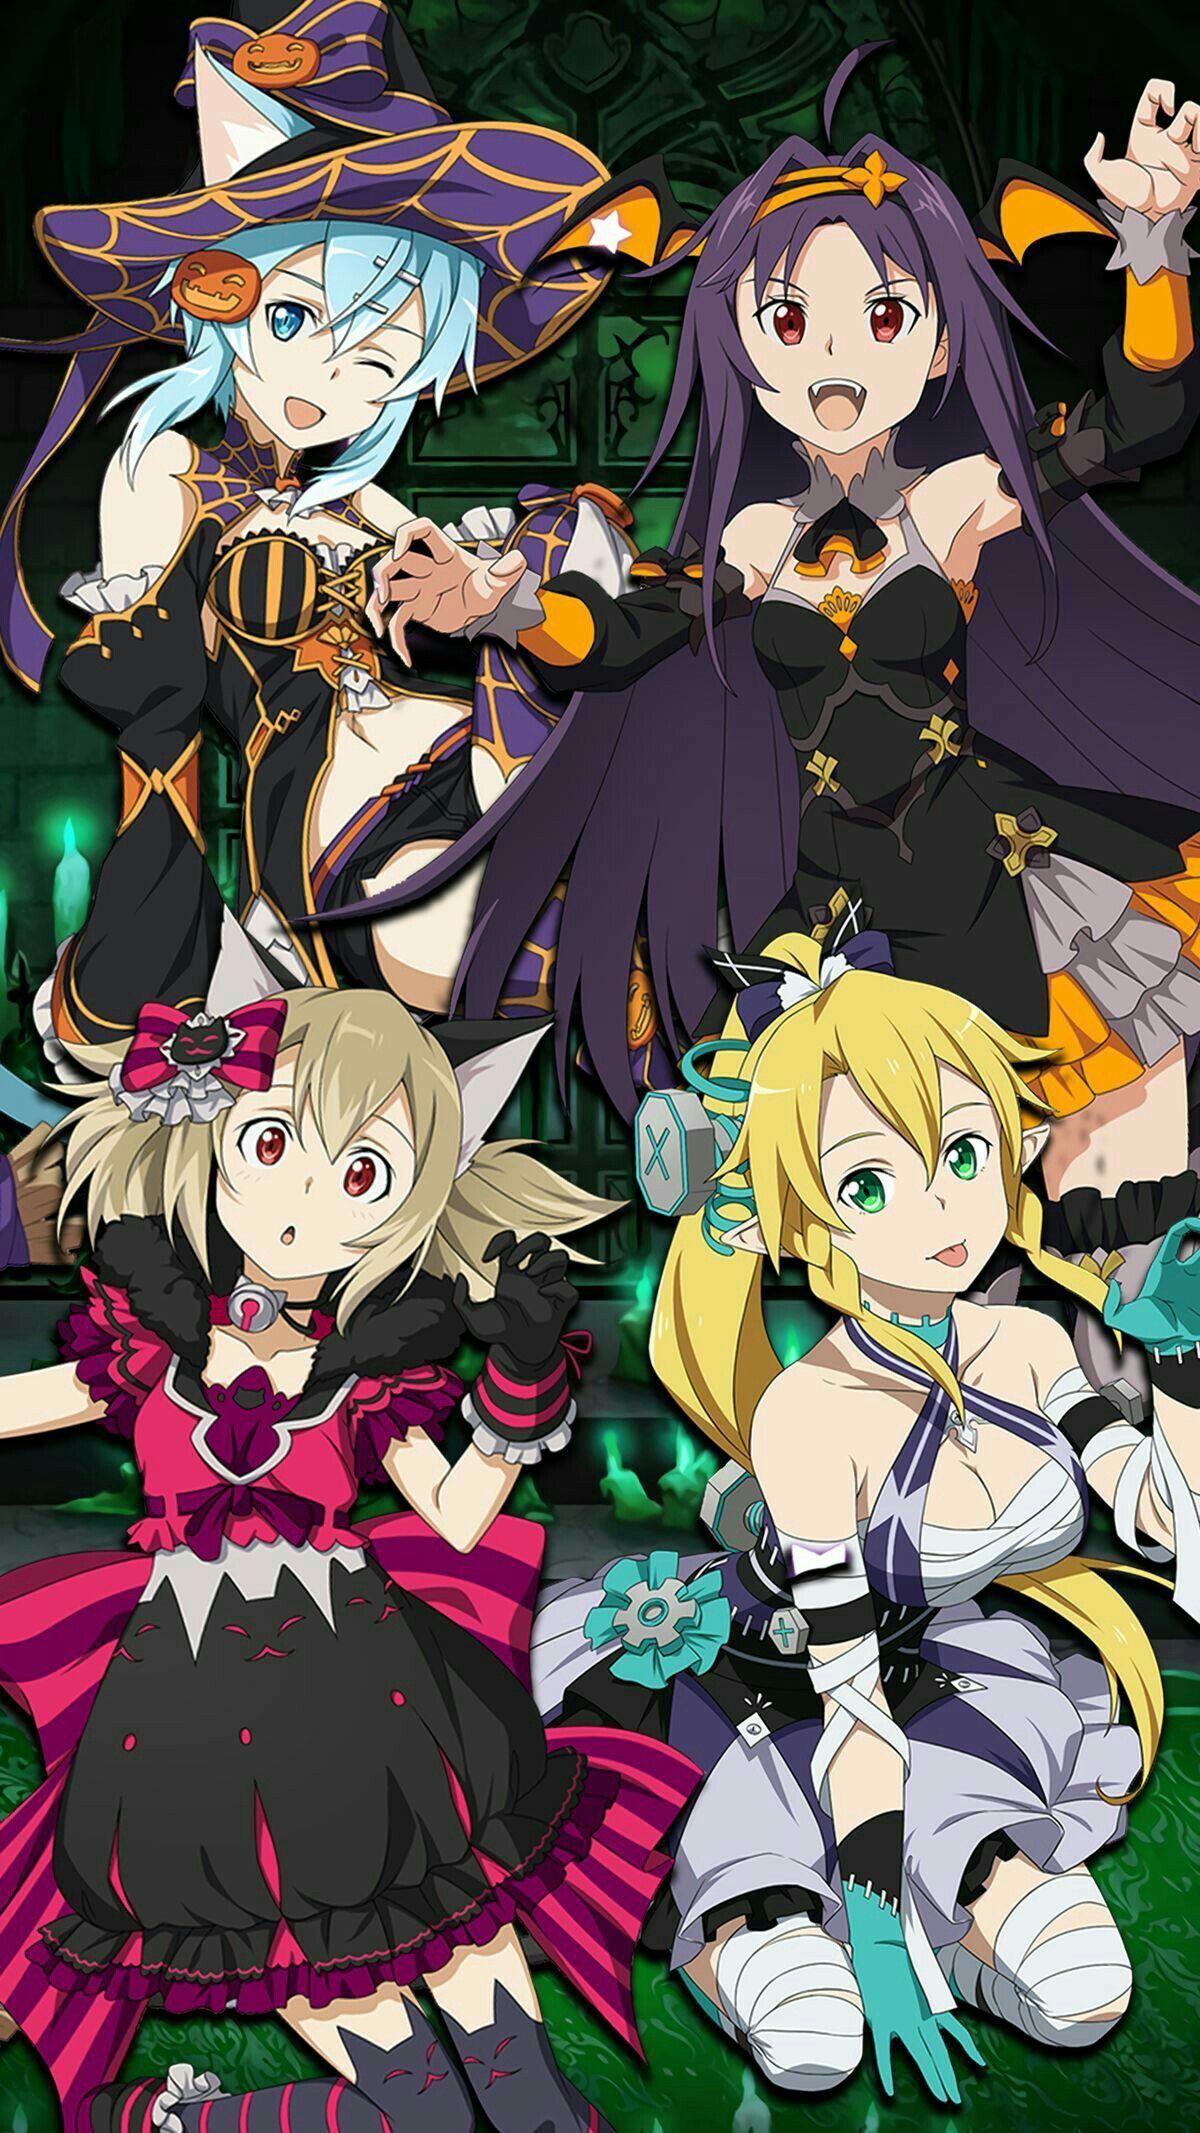 Sao Ggo Sword Art Online Anime Characters El Swords Girls Halloween 2 Gusto